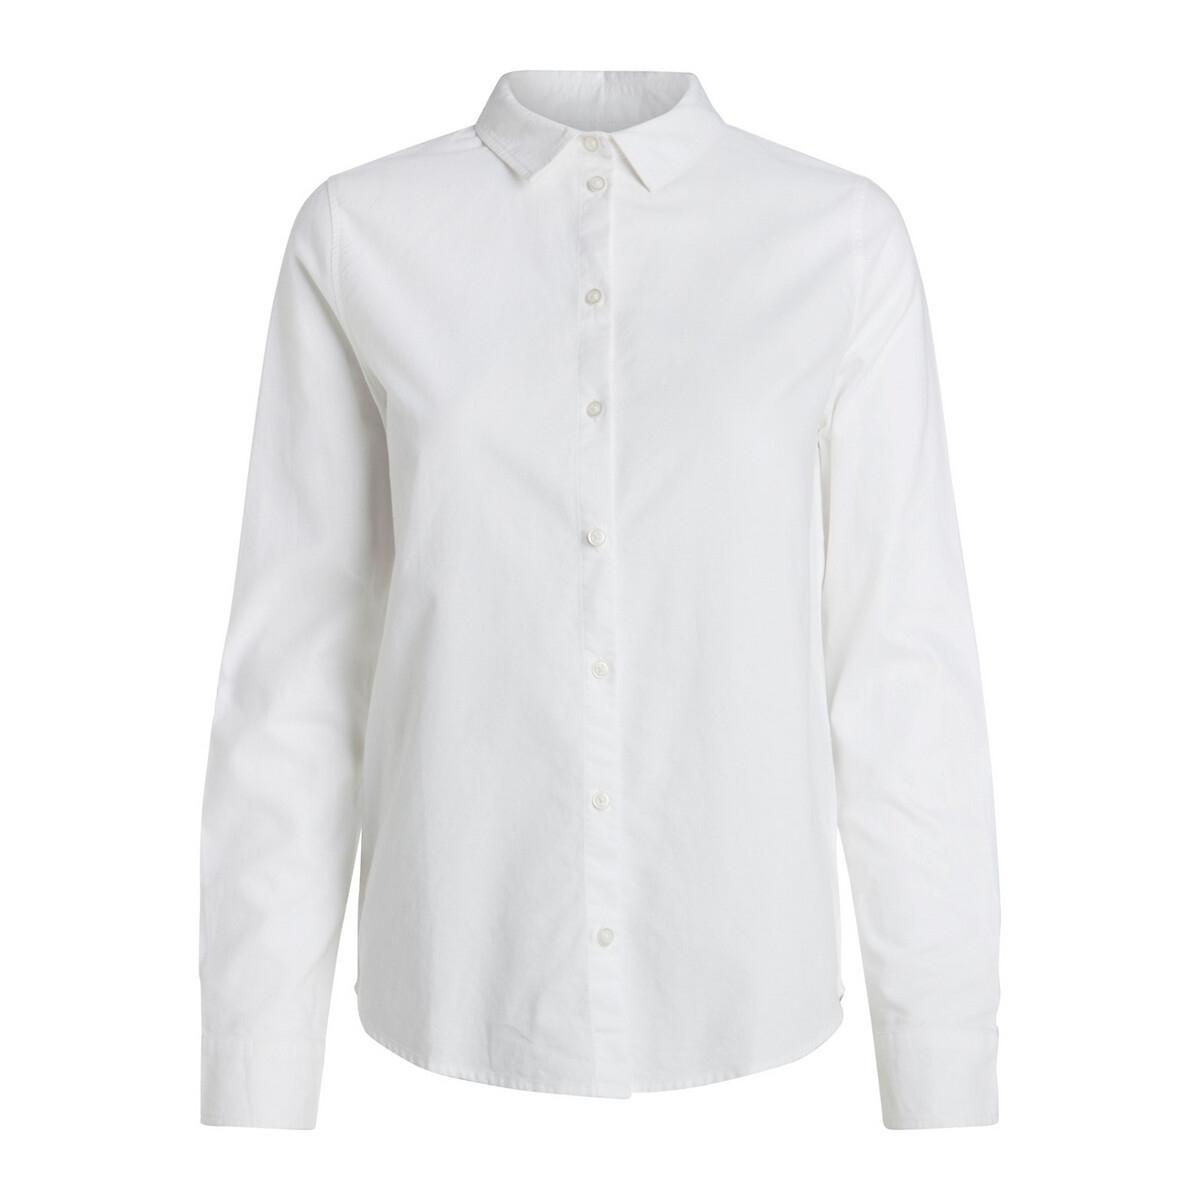 Chemise en coton, coupe droite